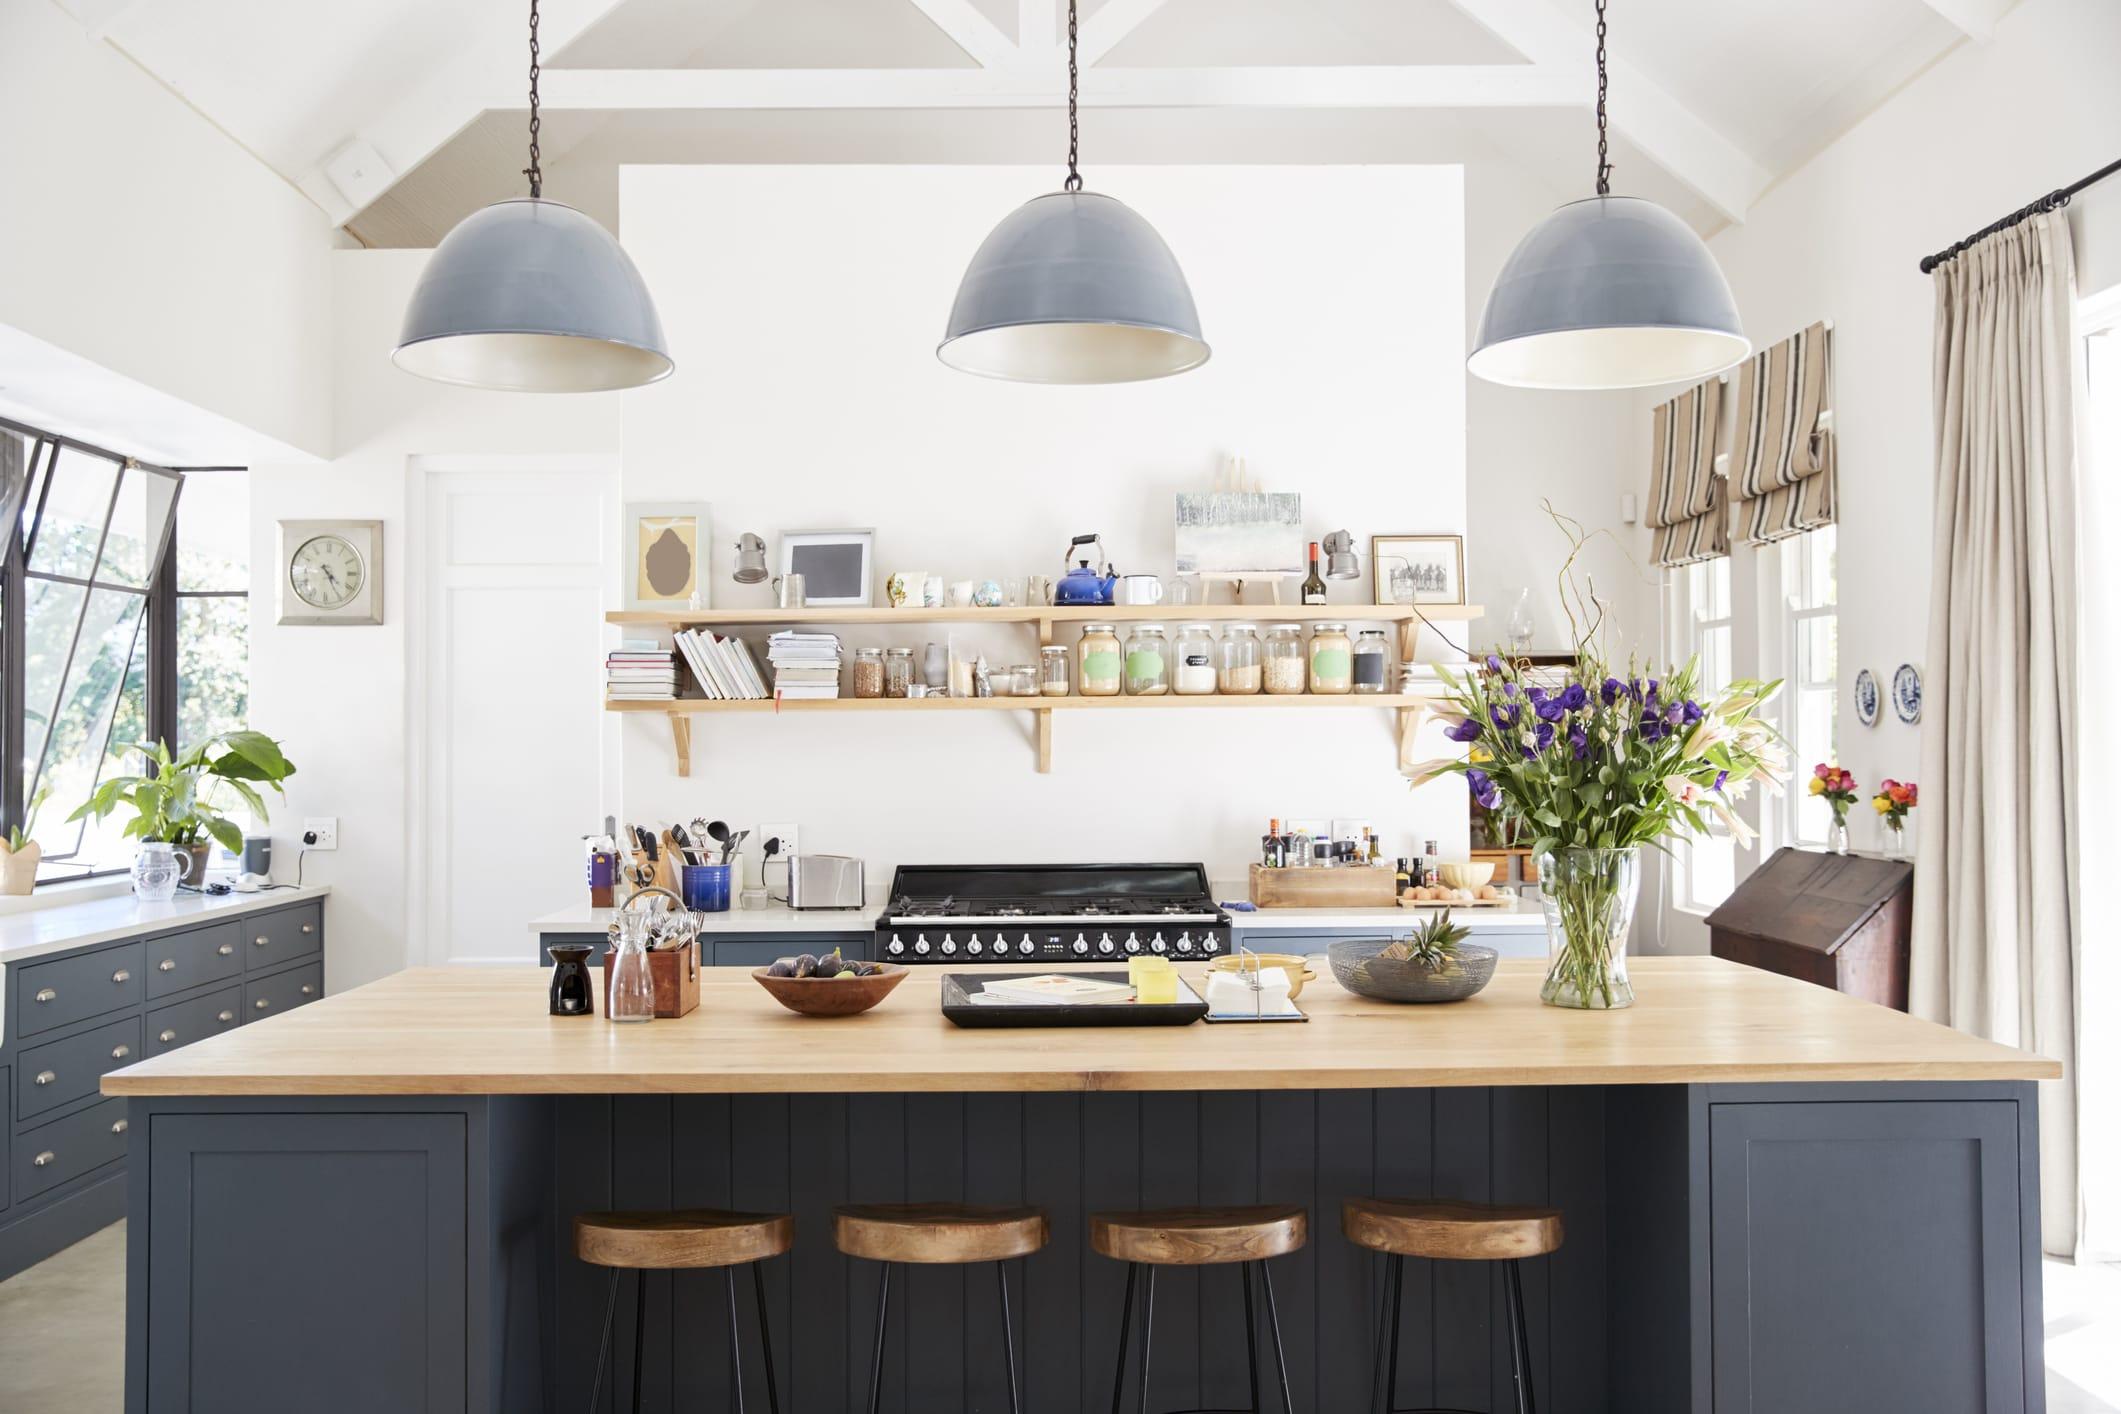 8 Easy Kitchen Lighting Ideas to Brighten Your New Kitchen ...